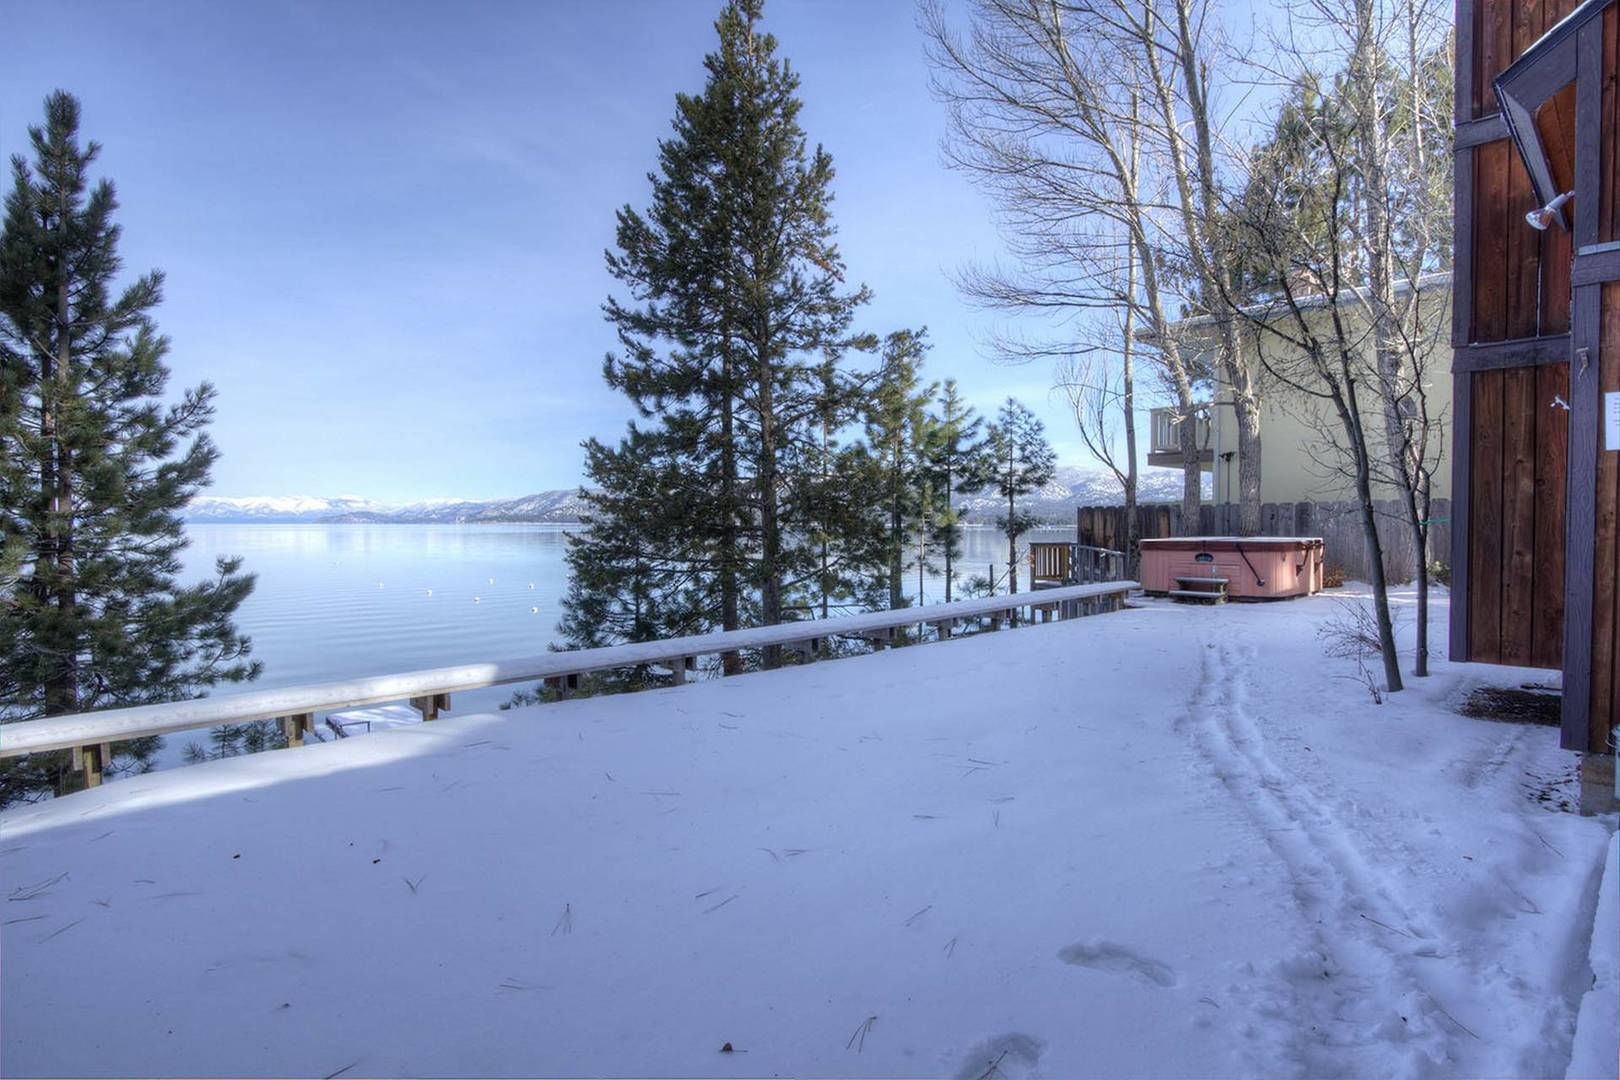 cyh1281 winter